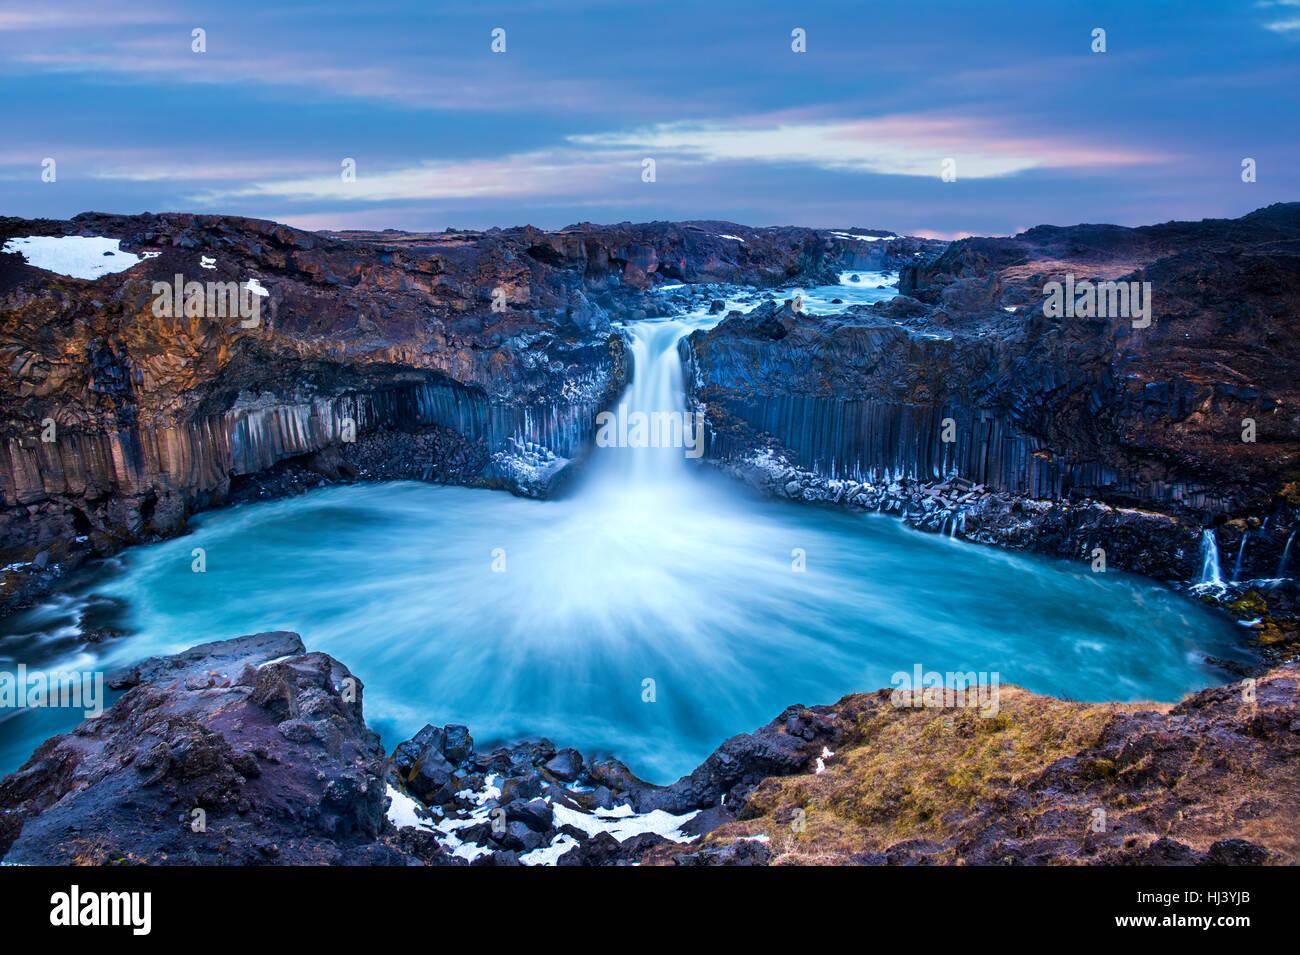 Aldeyjarfoss fällt bei Sonnenaufgang zeigt das Wasser in Strömen über die Kante und kicking eine Stockbild